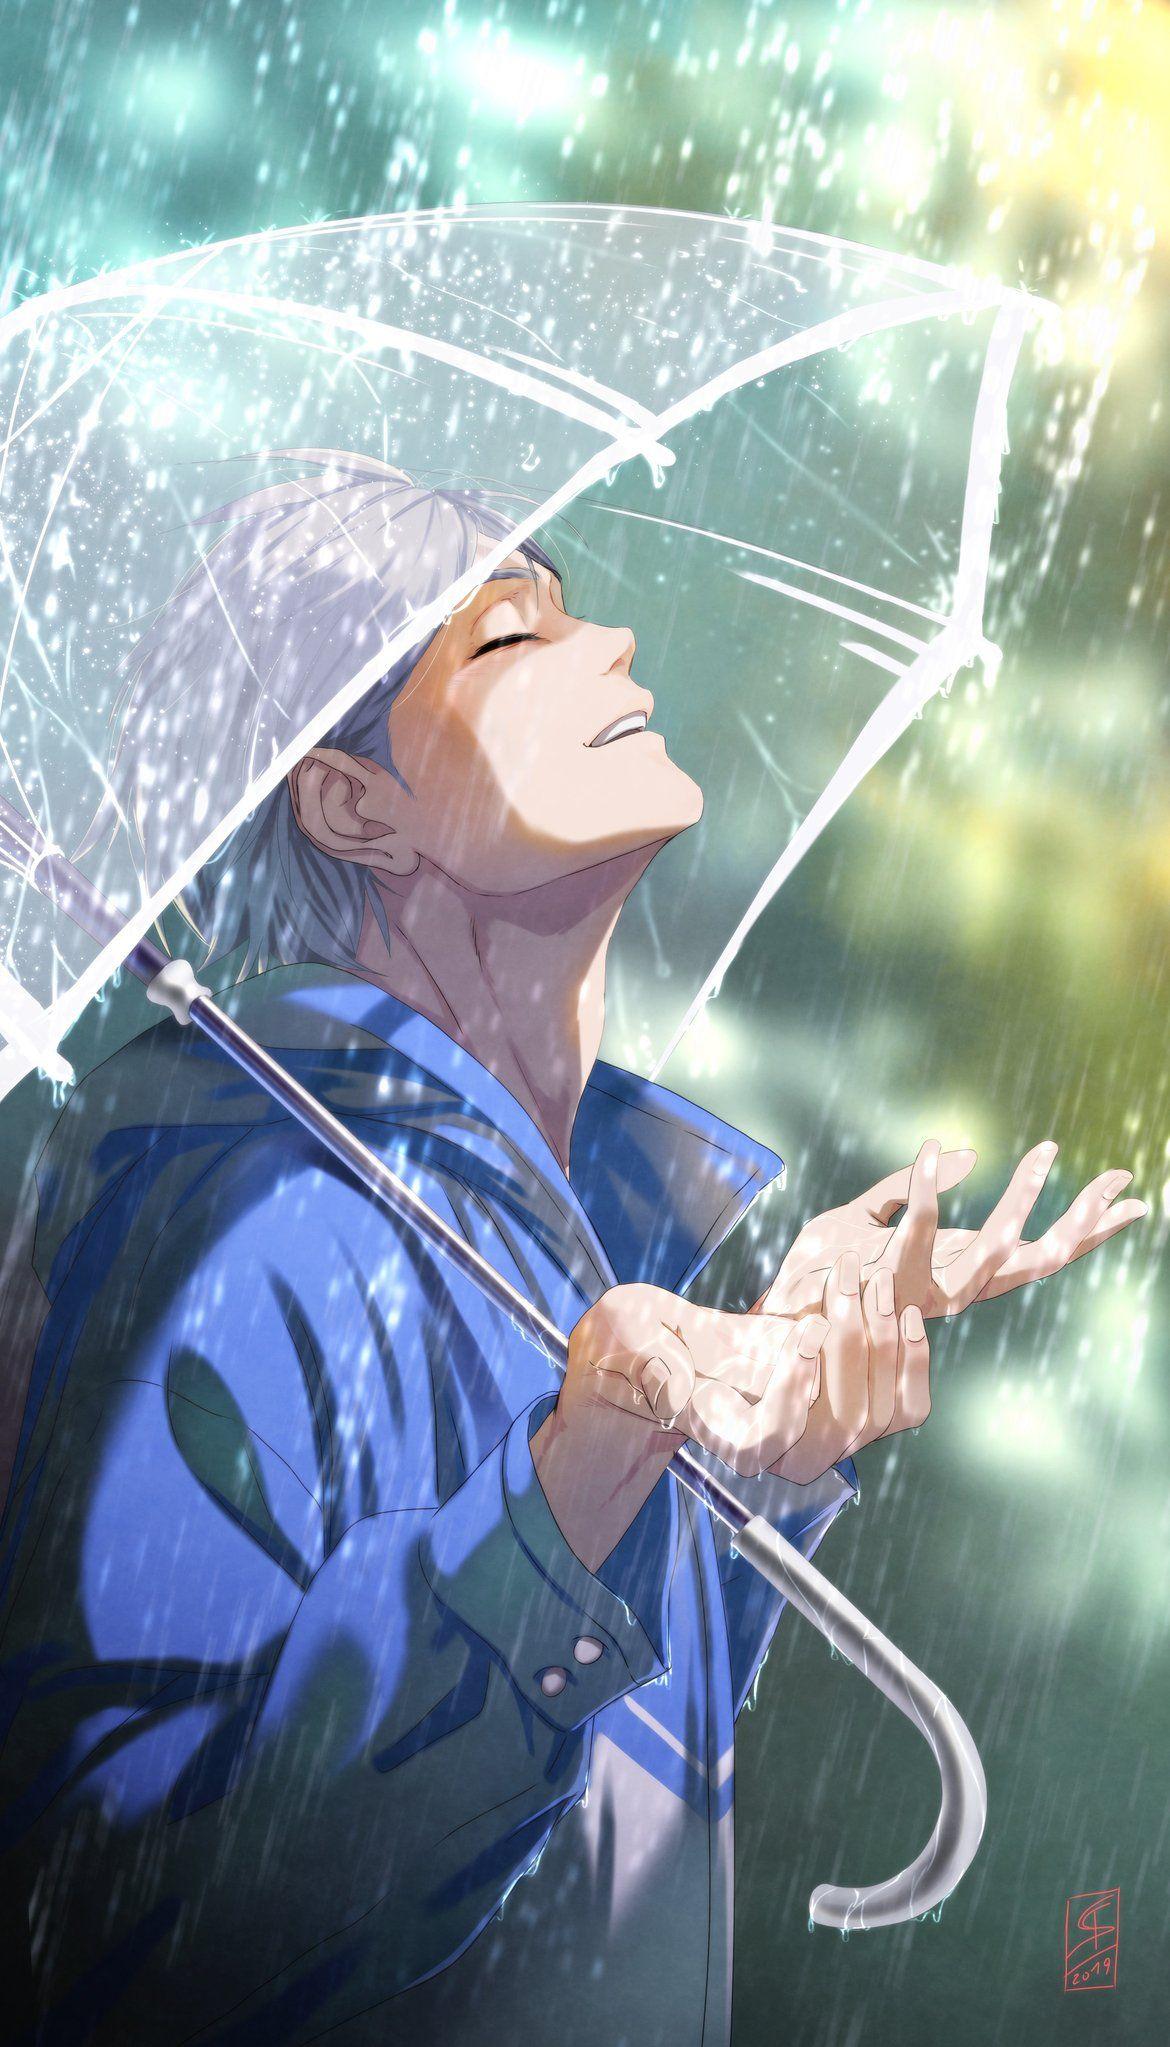 Littleskrib On In 2020 Anime Scenery Aesthetic Anime Handsome